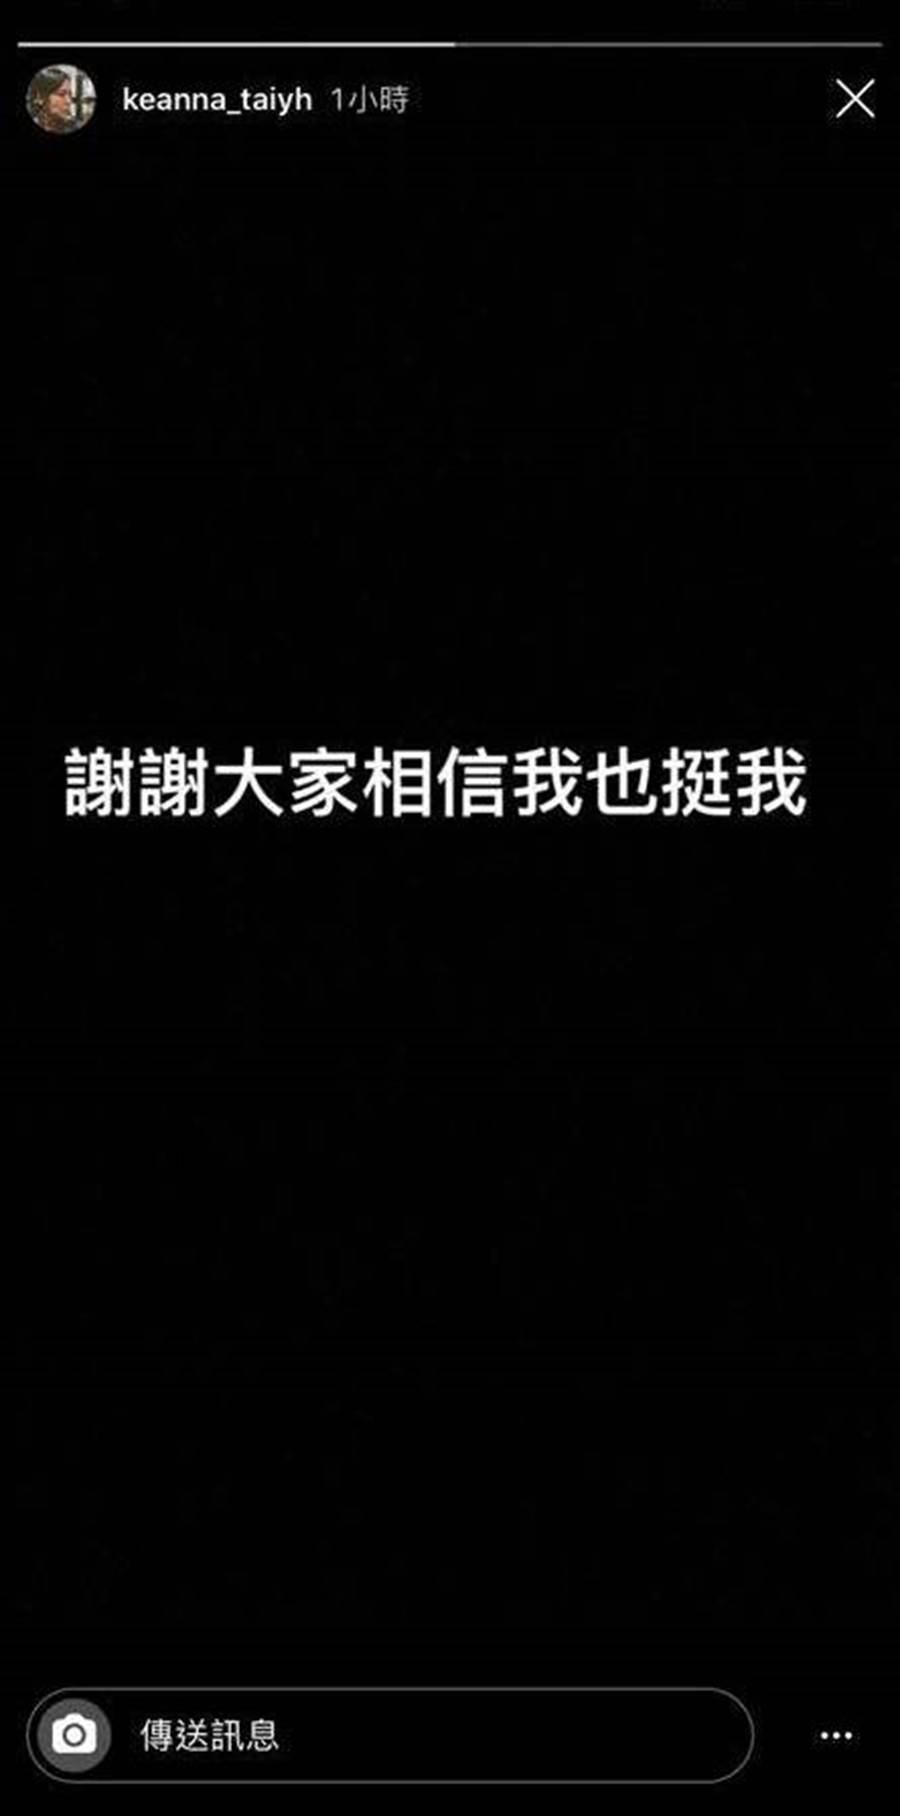 keanna限時動態全文。(圖/取材自keanna_taiyh Instagram)